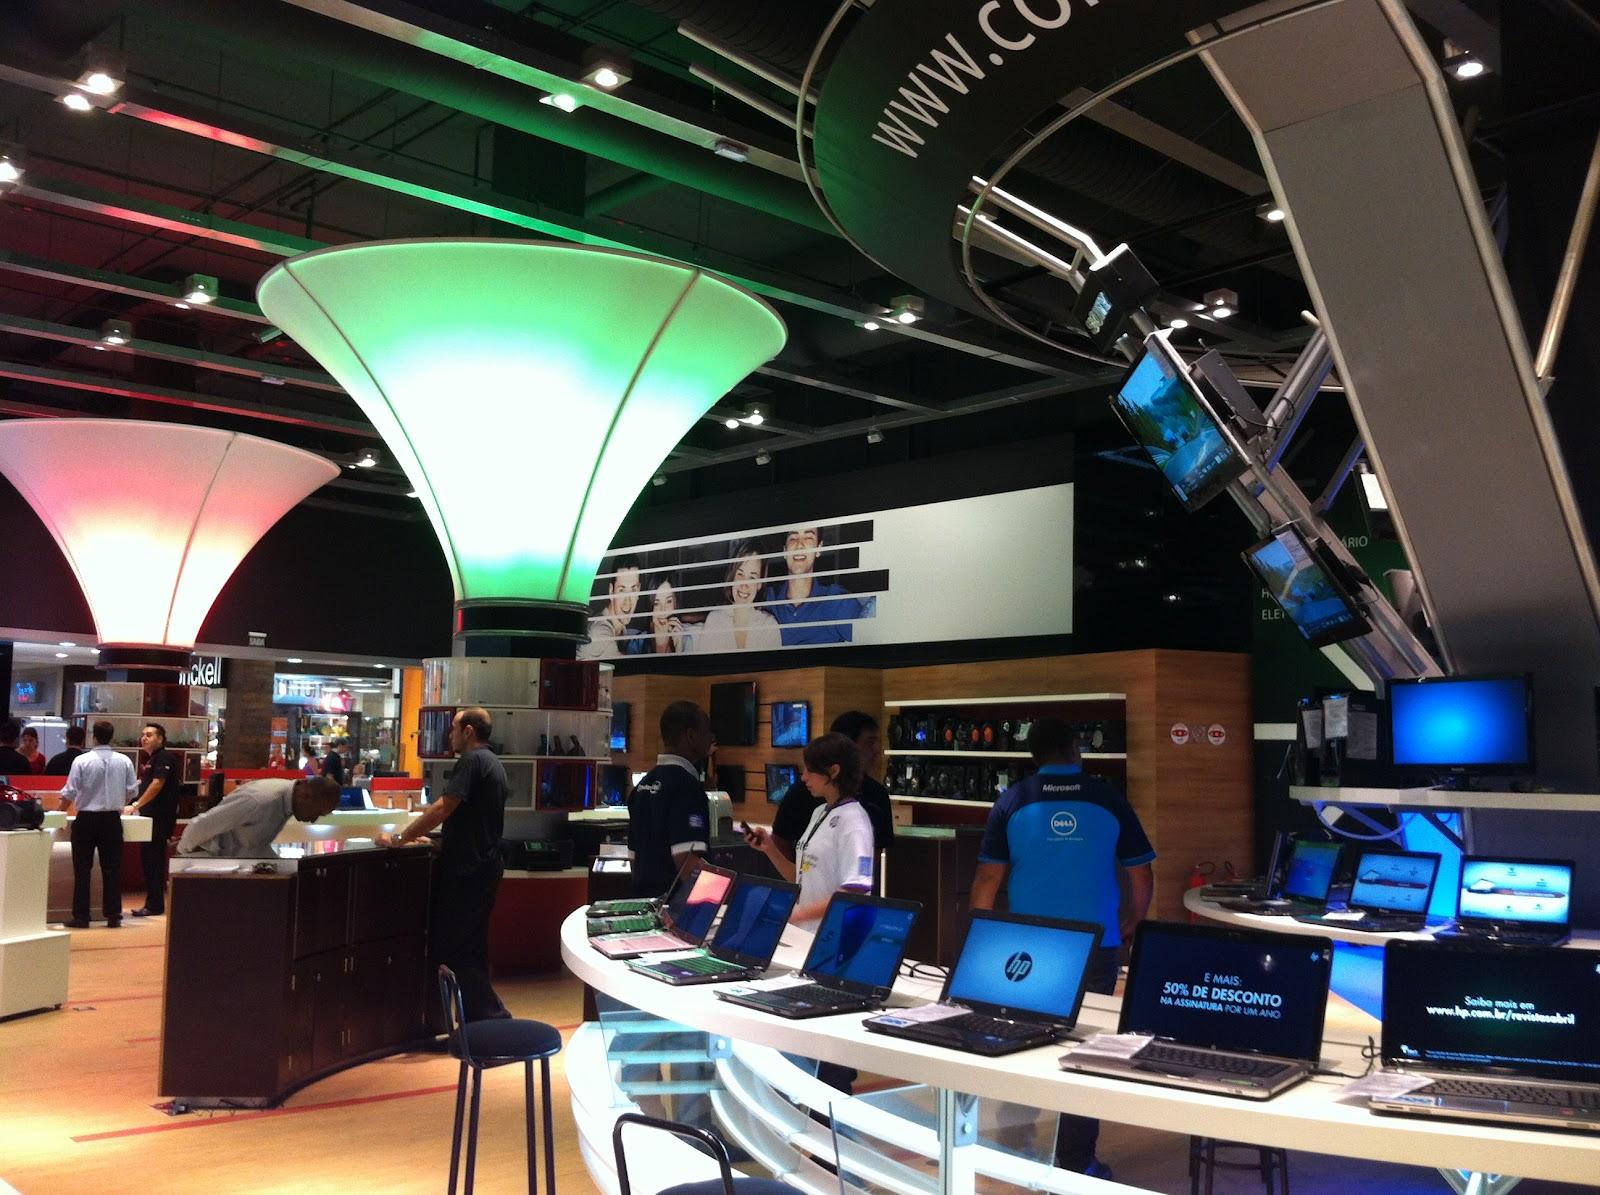 124ed34fc A Colombo do Shopping Iguatemi de Porto Alegre, a primeira operação  conceito da rede e considerada a líder de vendas entre as 330 filiais do  País, ...